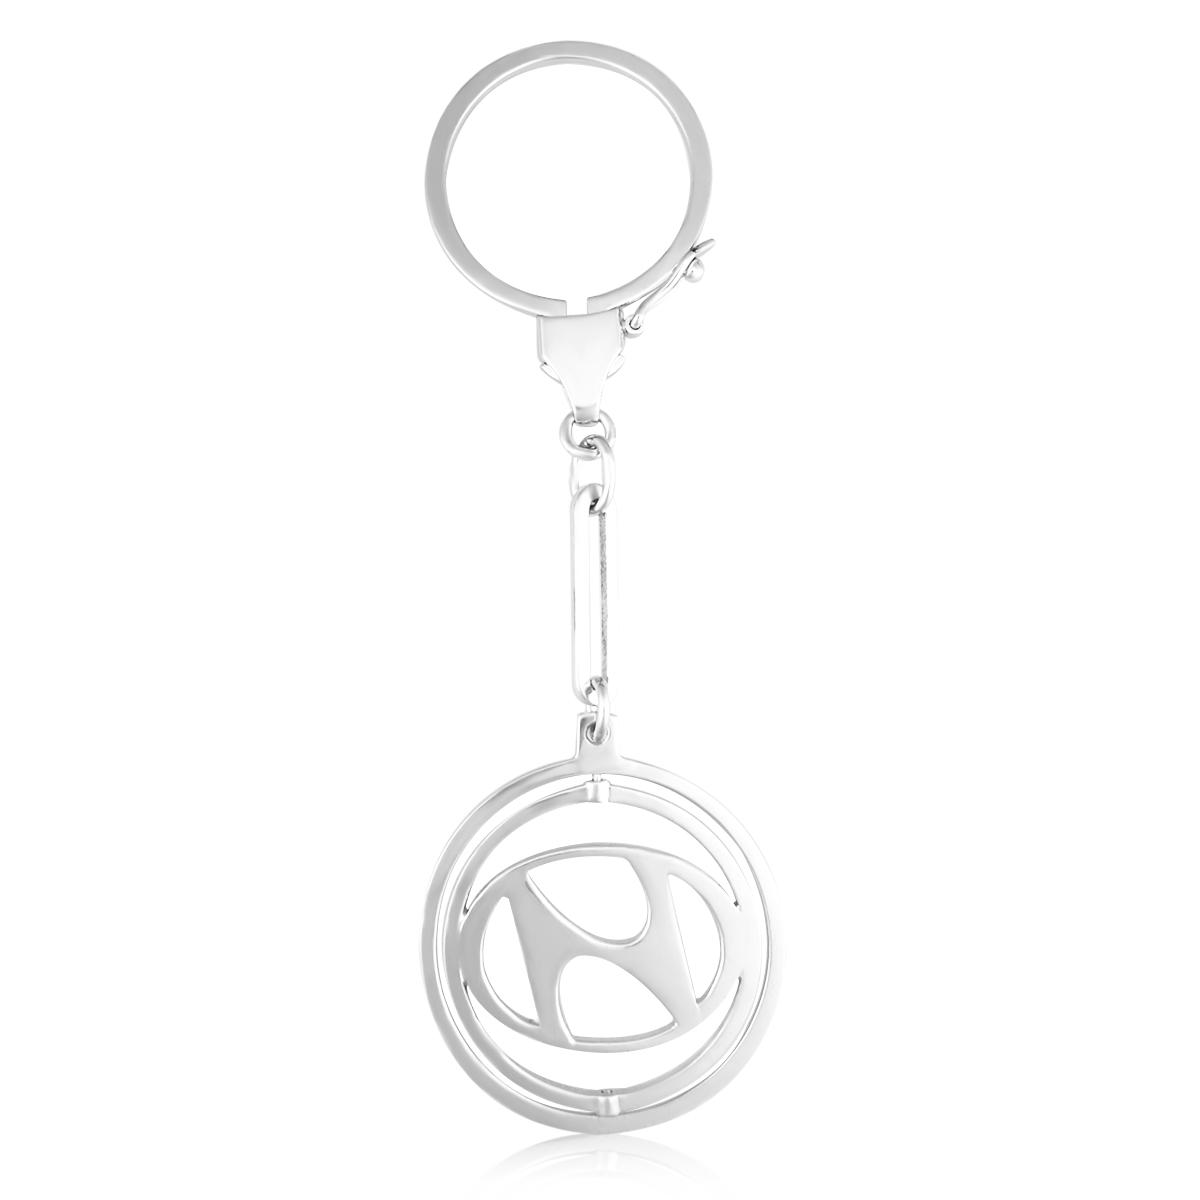 Срібний брелок до машини «Hyundai»